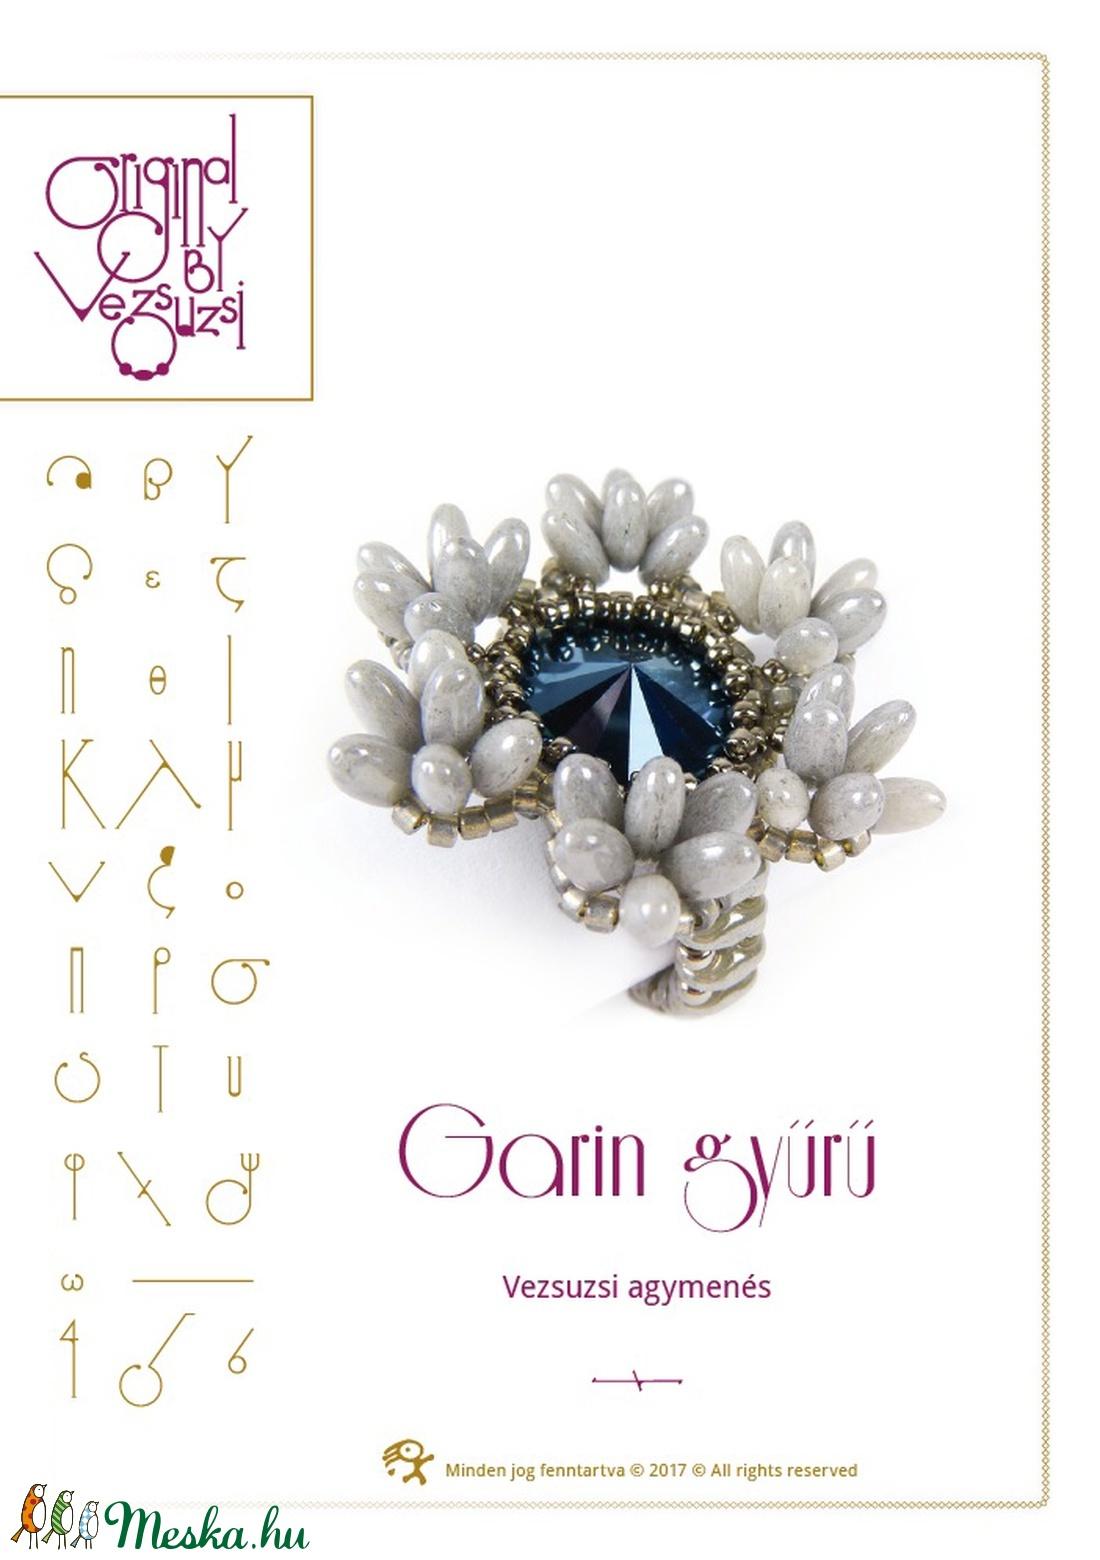 Garin gyűrű minta egyéni felhasználásra (vezsuzsiminta) - Meska.hu